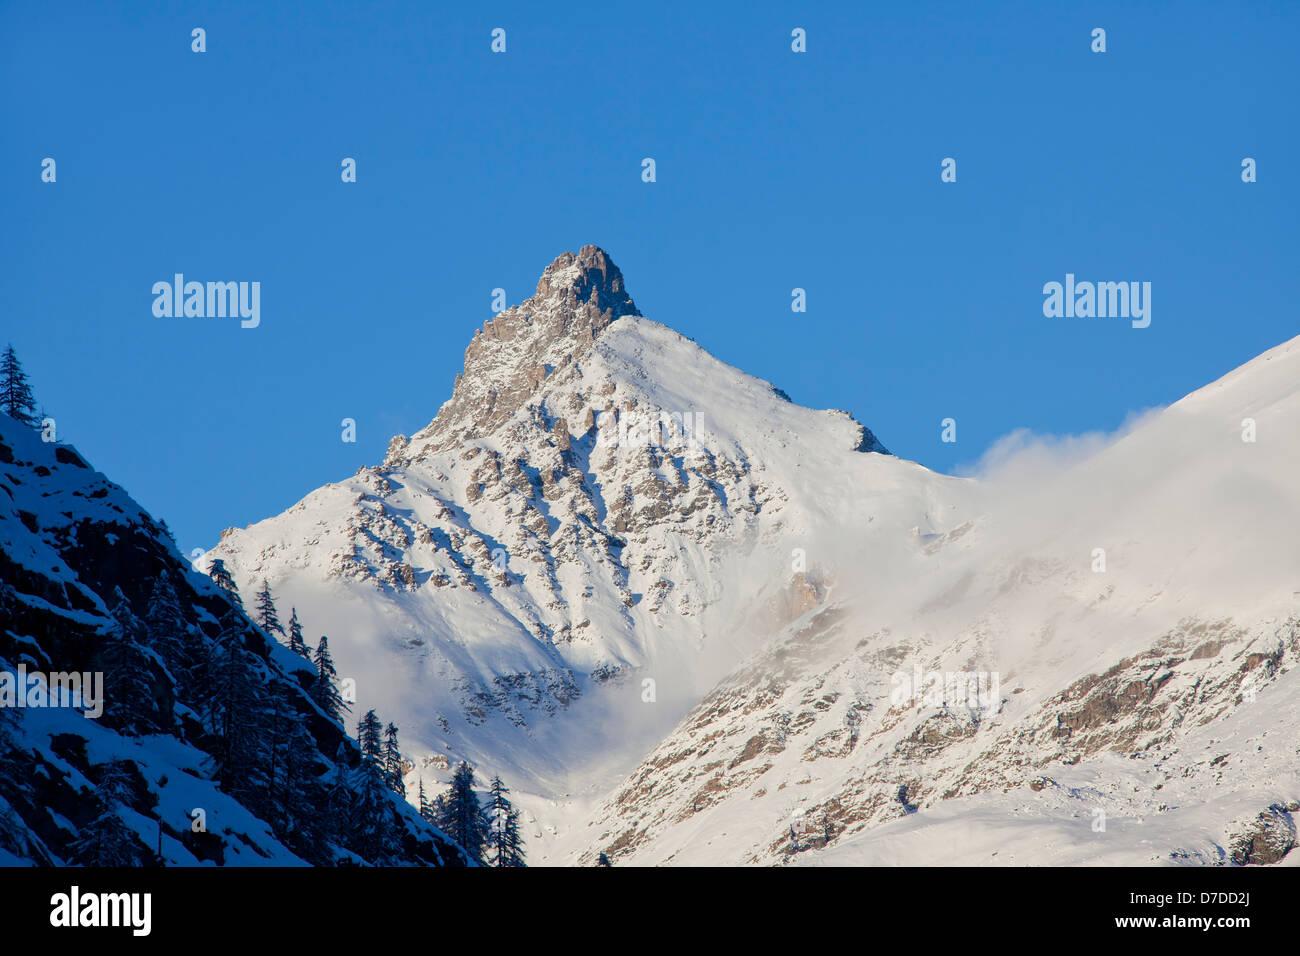 Der Berg Grivola in Graian Alpen im Gran Paradiso Nationalpark, Valle d ' Aosta, Italien Stockbild